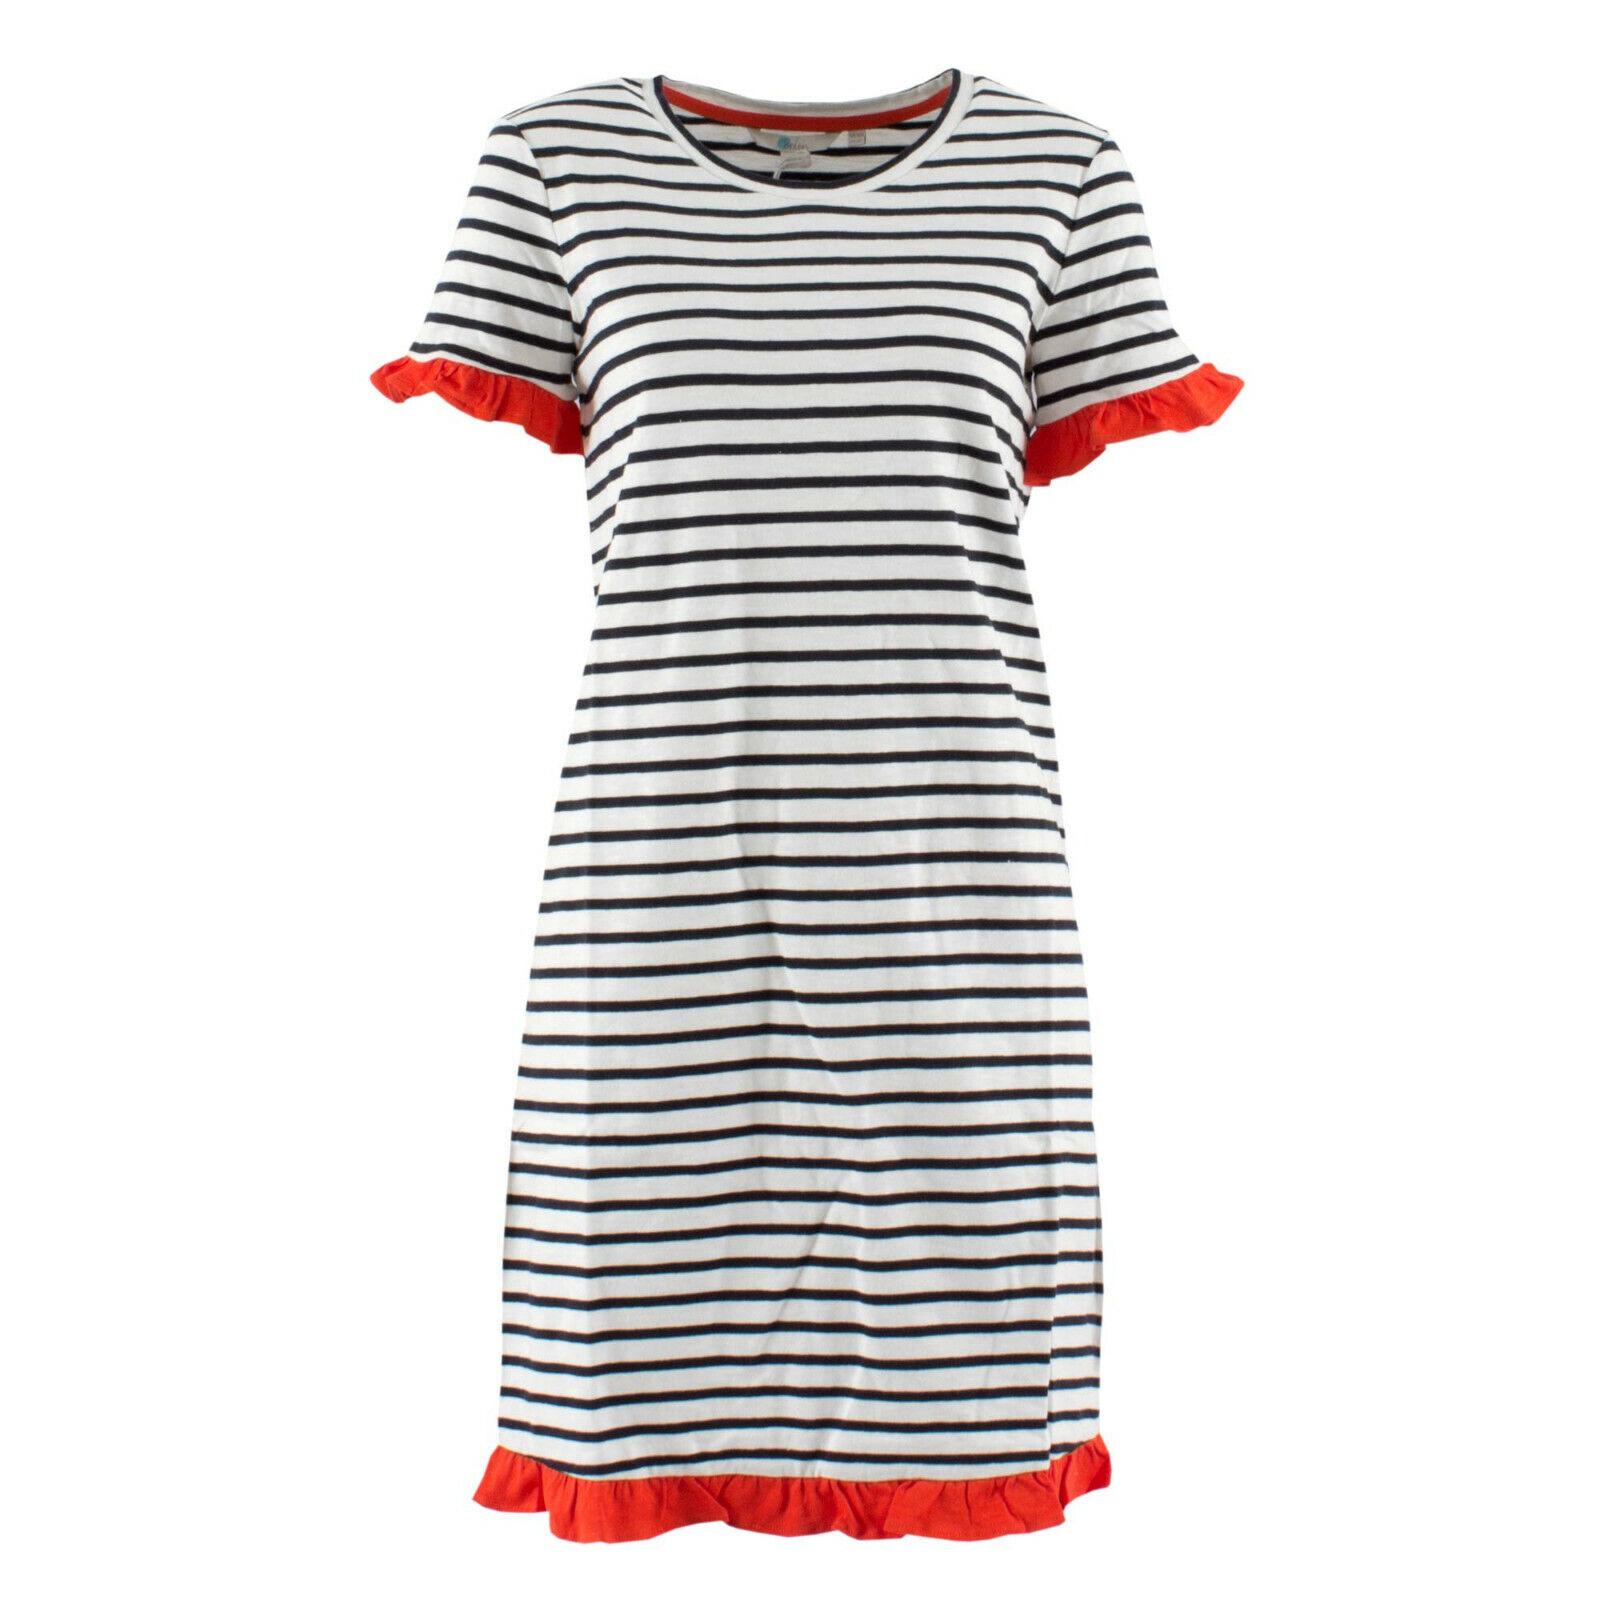 BODEN Direct Damen Kleid J0205 Gestreift Dunkelblau Weiß   36 R   Shirtkleid